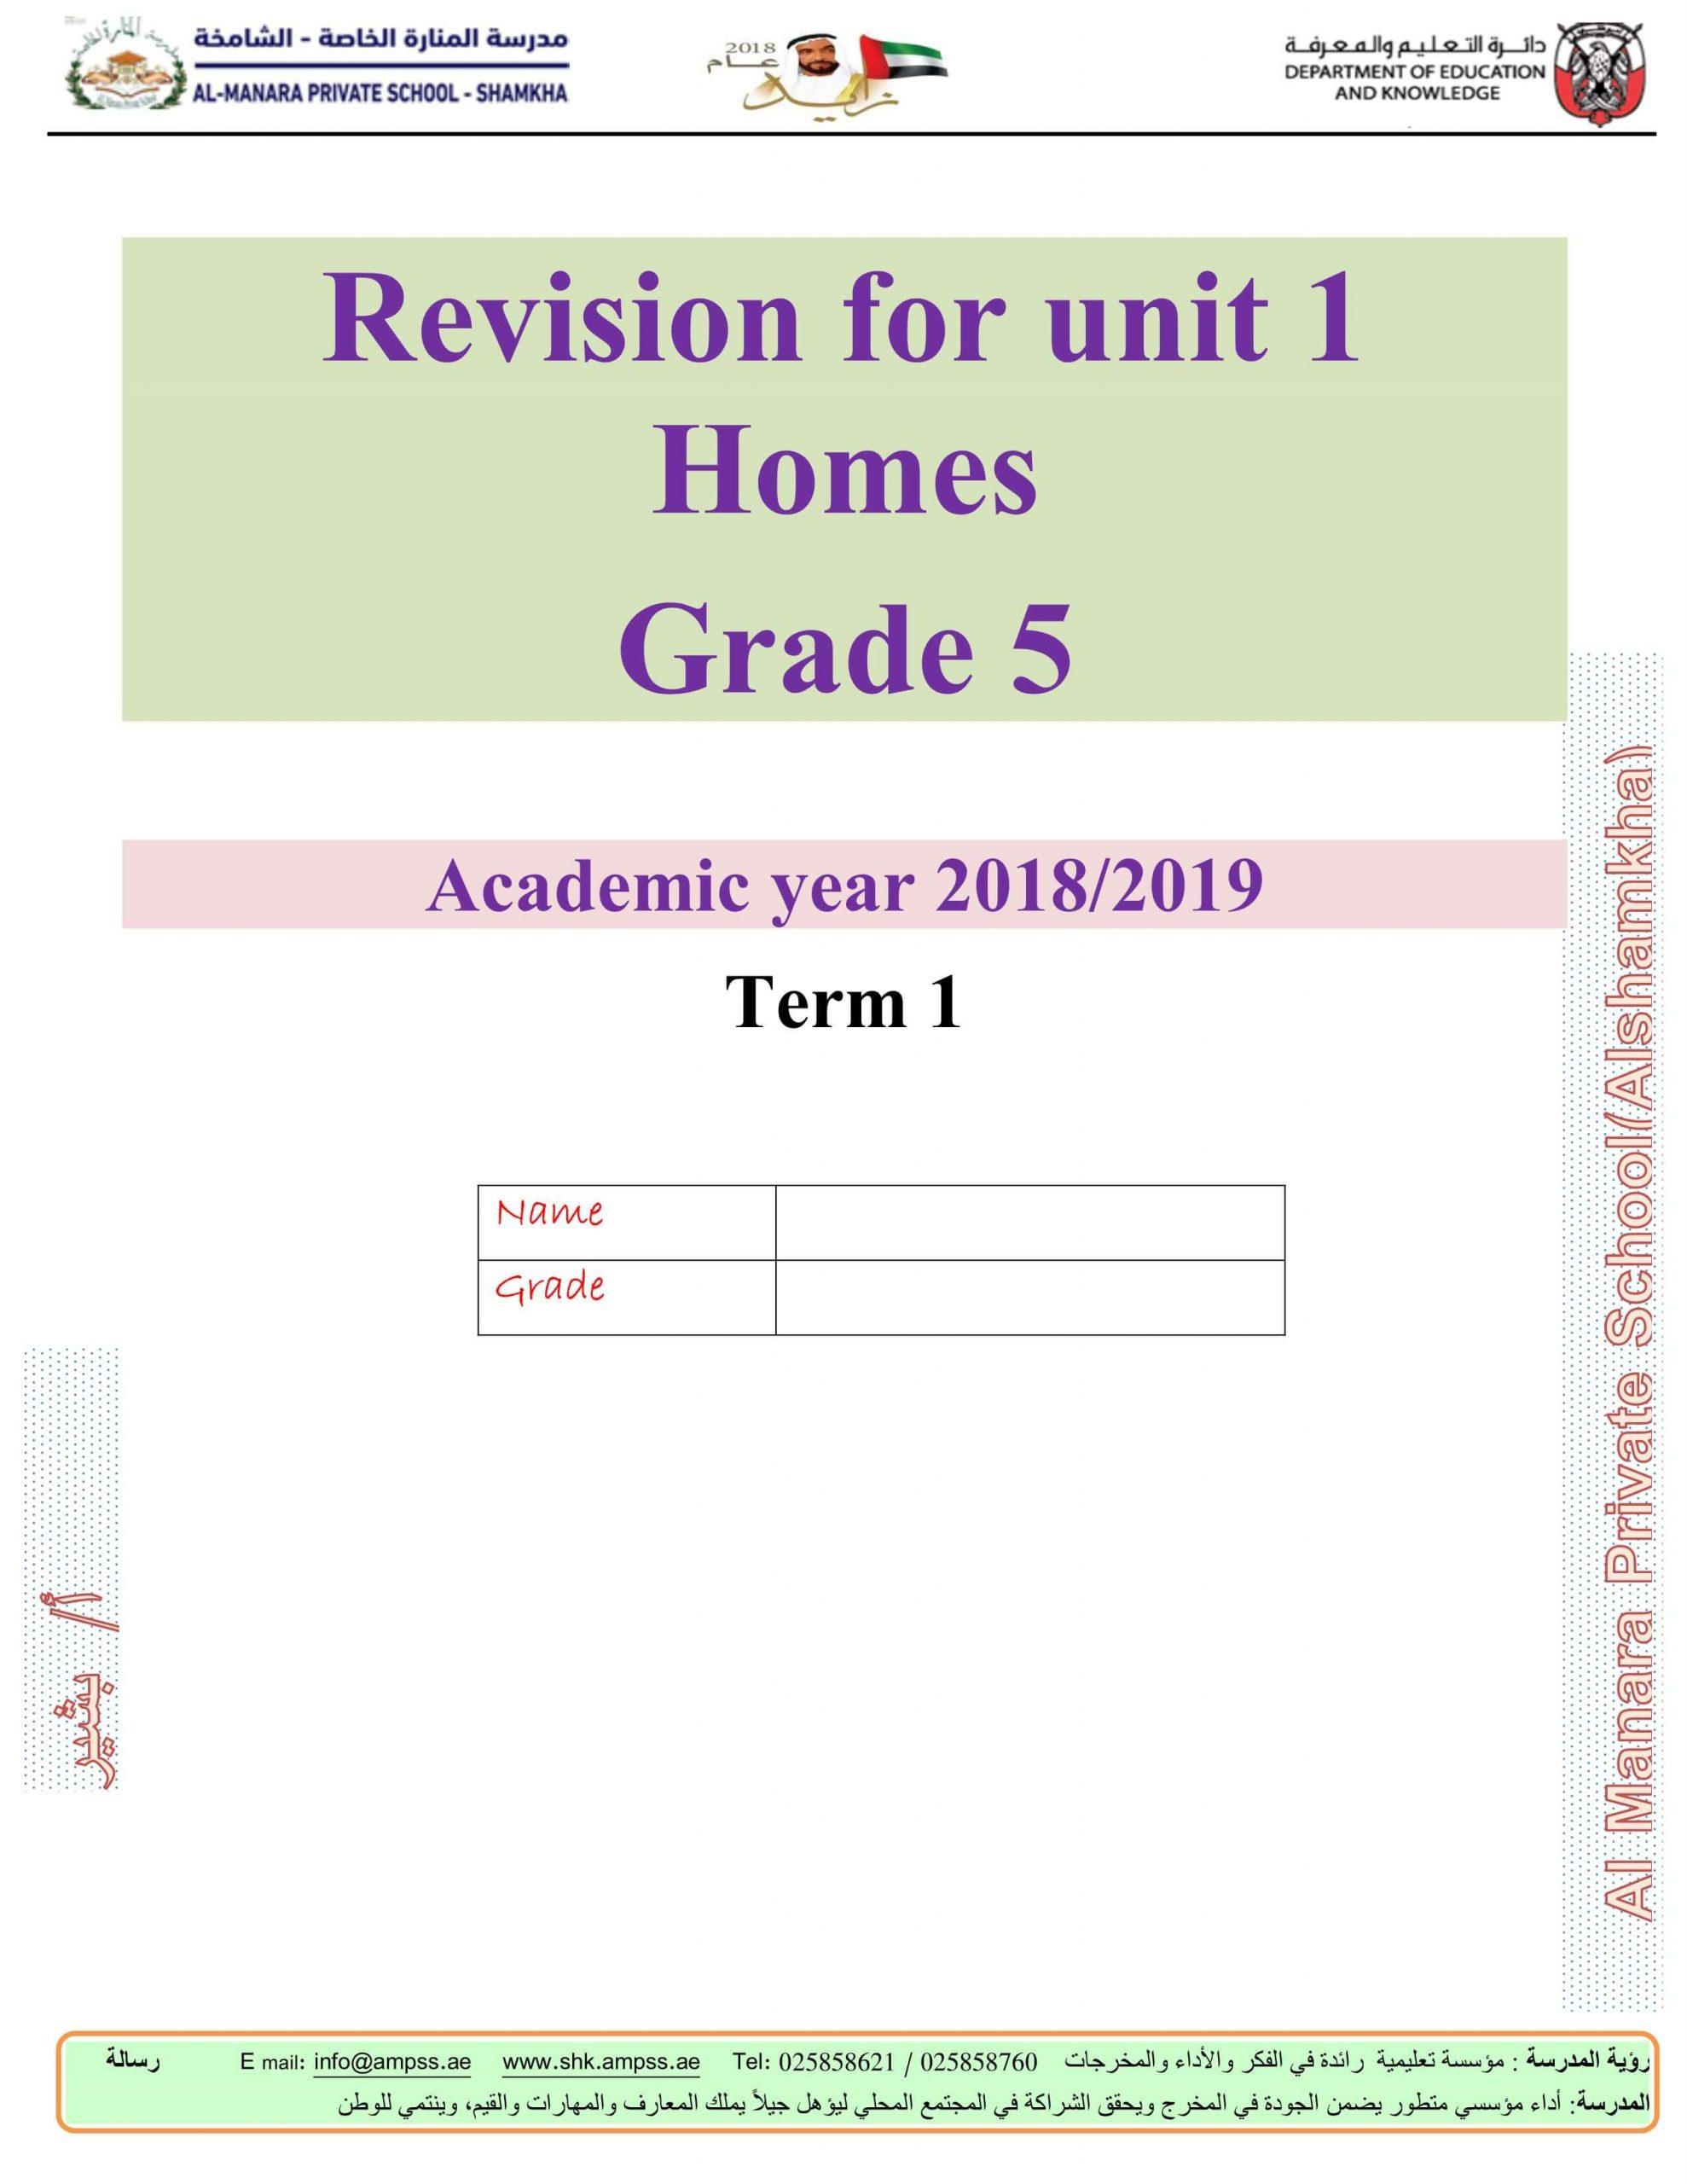 اوراق عمل Revision for unit 1 الصف الخامس مادة اللغة الانجليزية